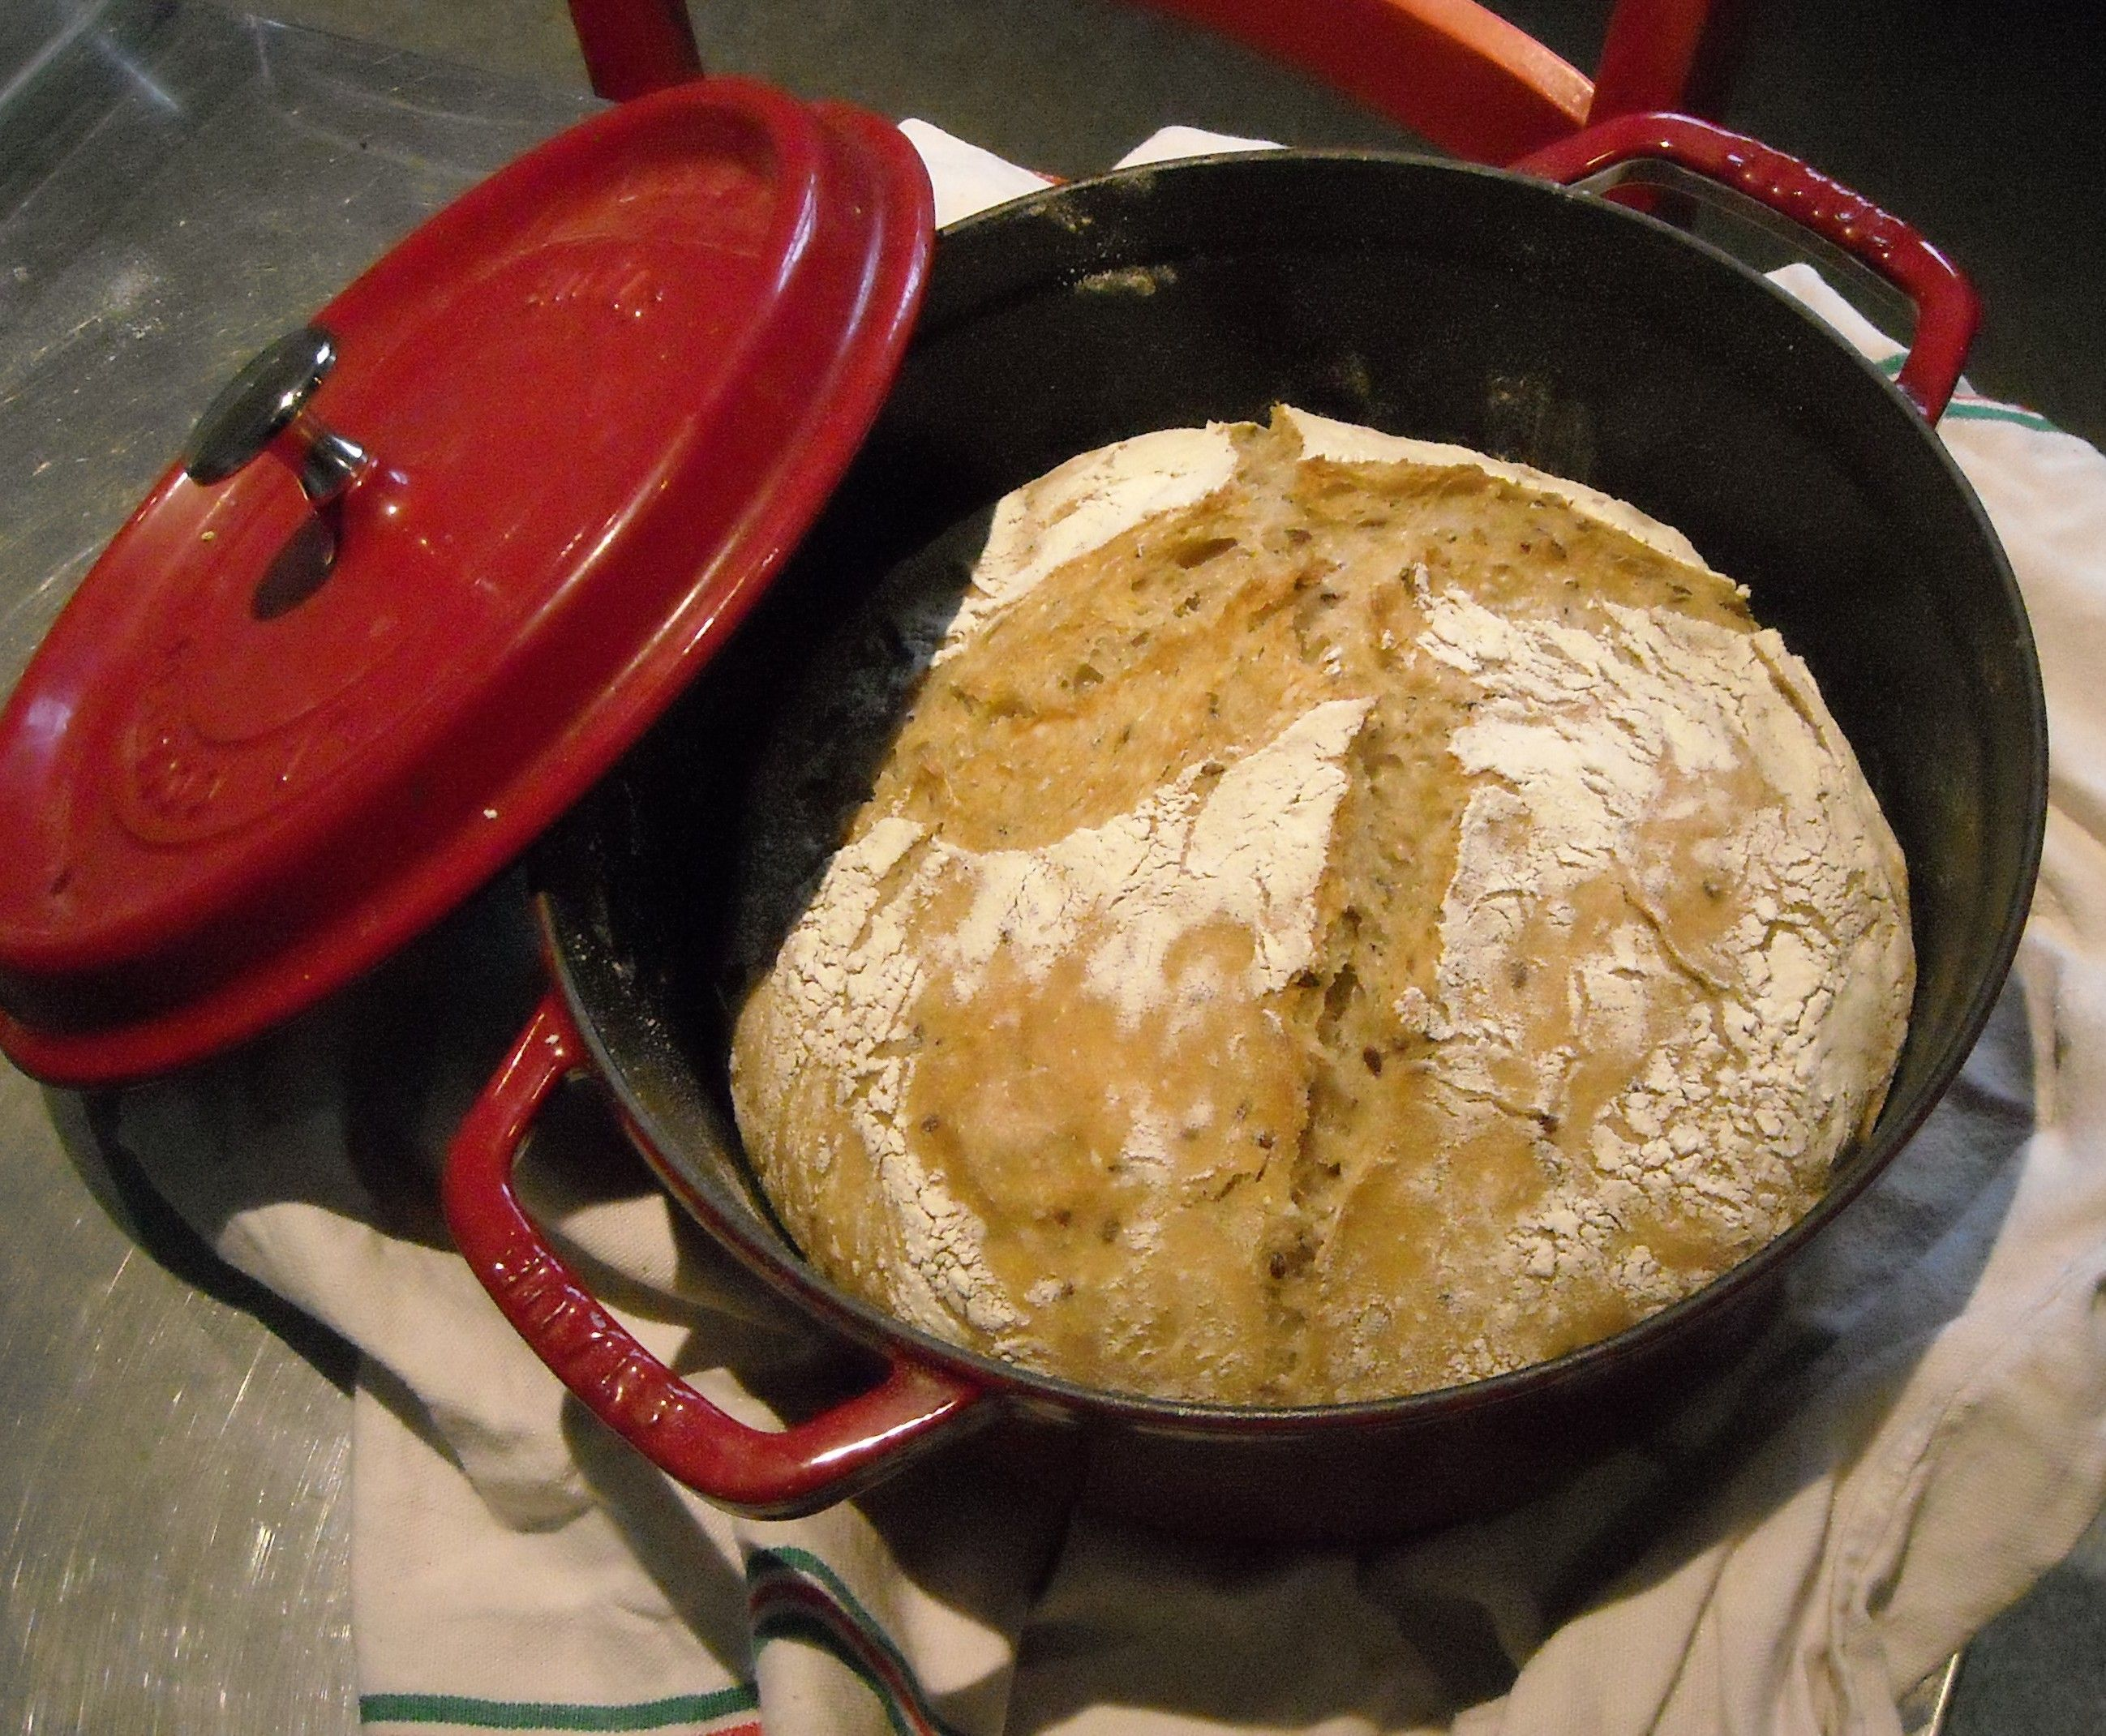 Par Anne10doigts dans Recettes pains le 28 Février 2014 à 14:41 Encore une recette que je voulais tester depuis longtemps !!! Je vous mets juste les photos de mon 1er essai... Franchement : ...